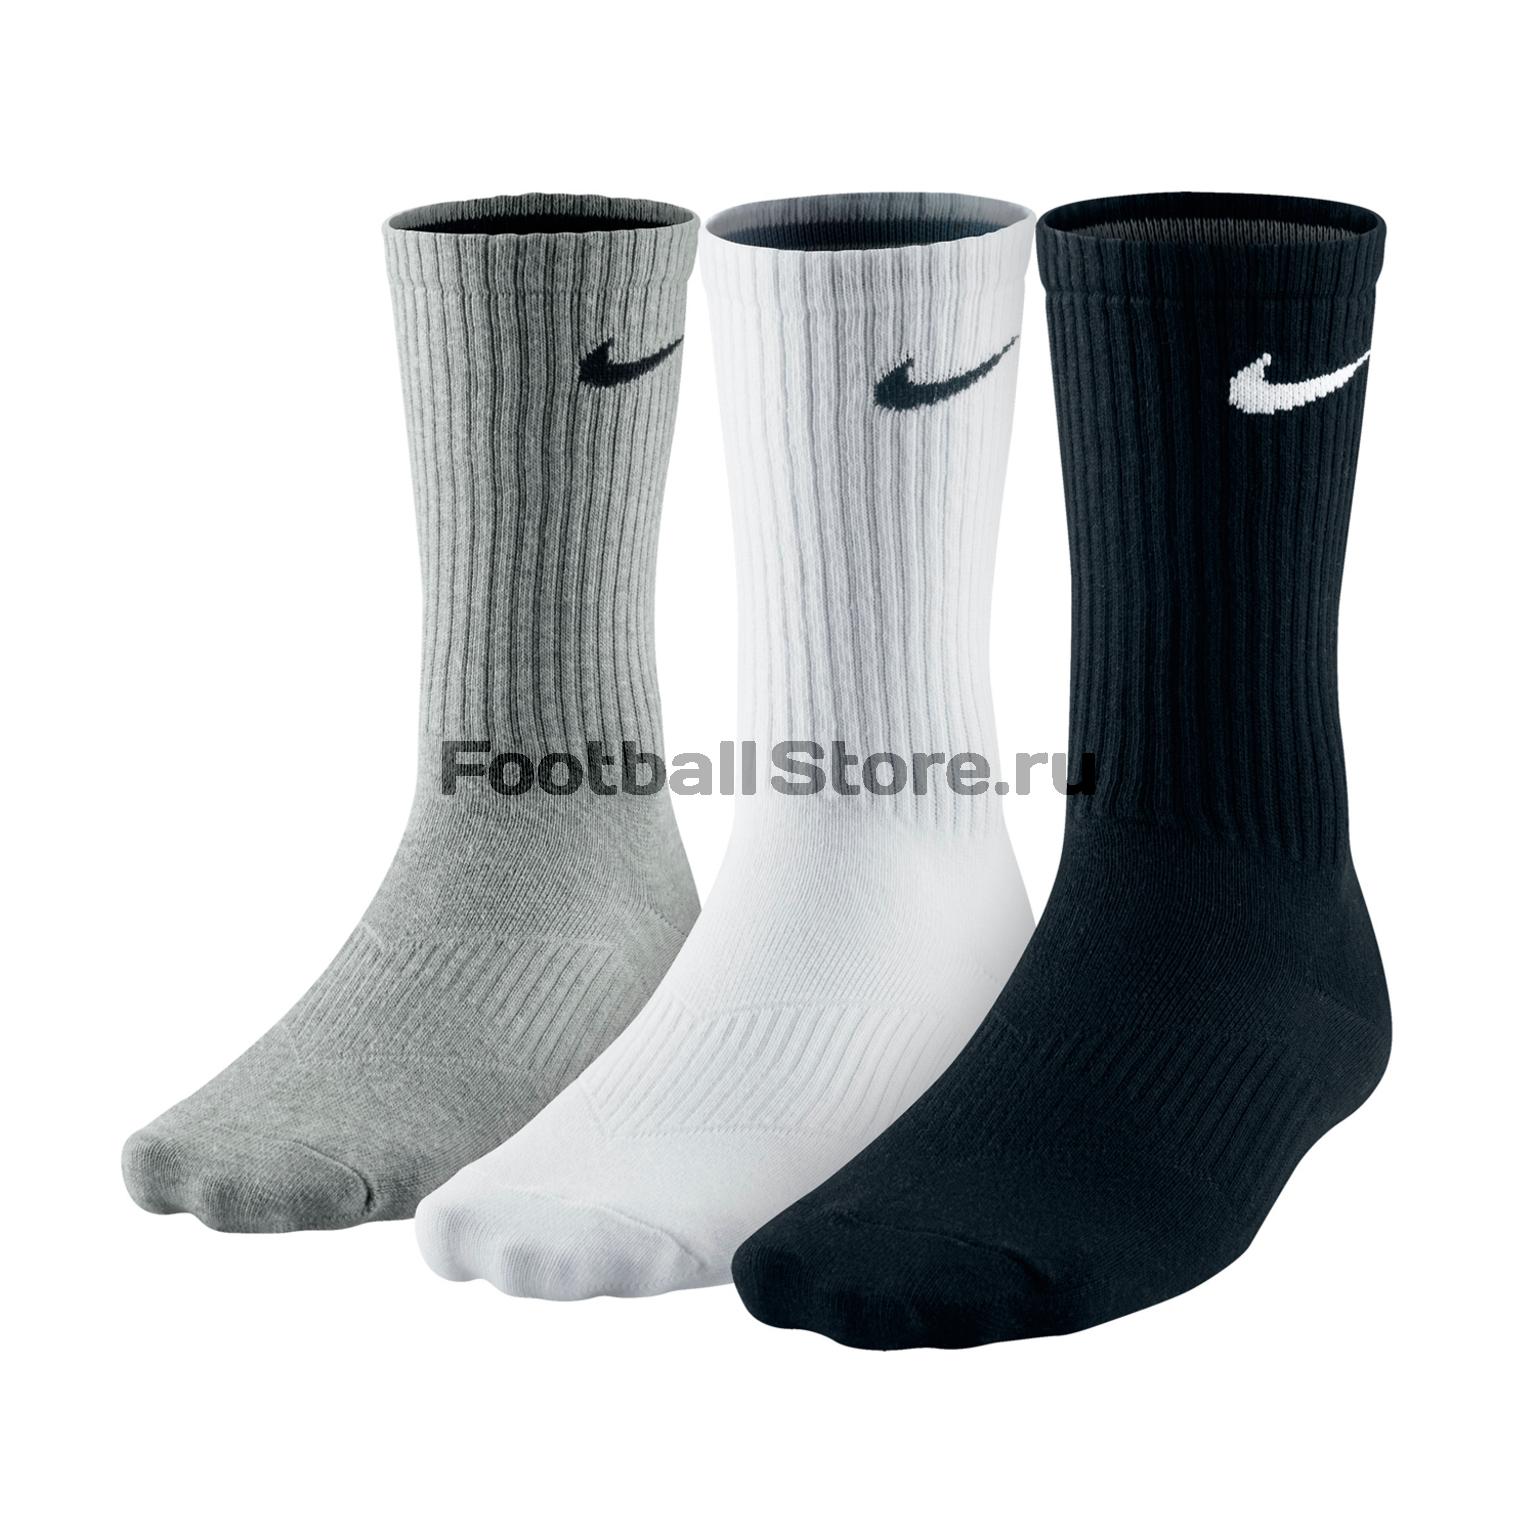 Комплект носков Nike 3ppk Lightweight Сrew SX4704-901 тонус эласт пояс послеоперационный 9901 р 5